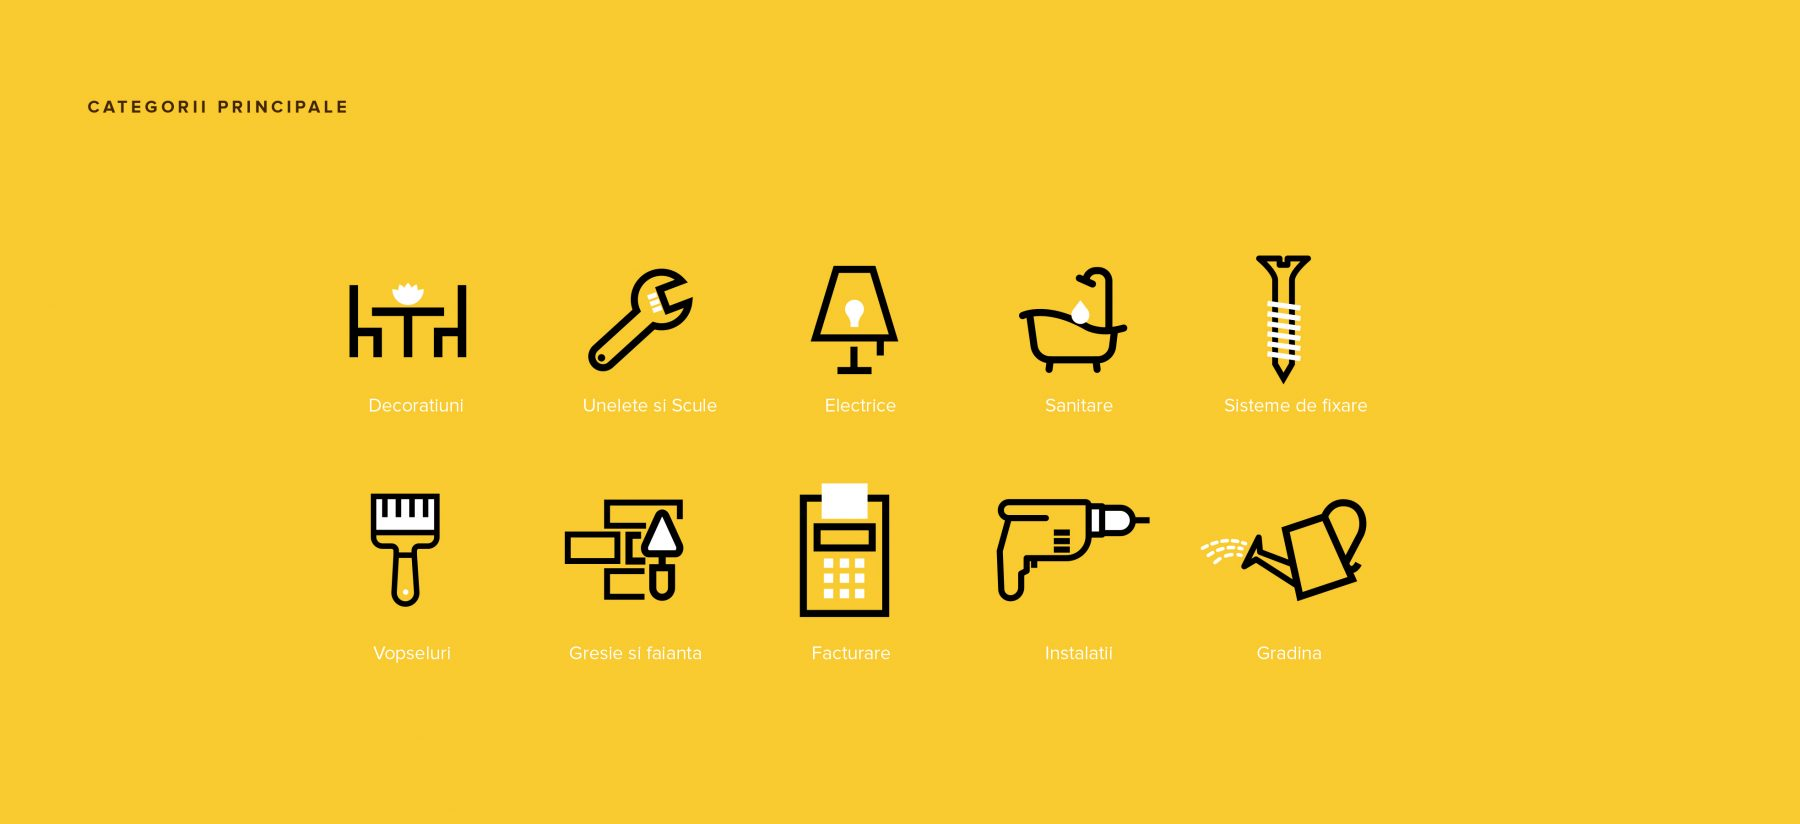 Pelind icons DIY